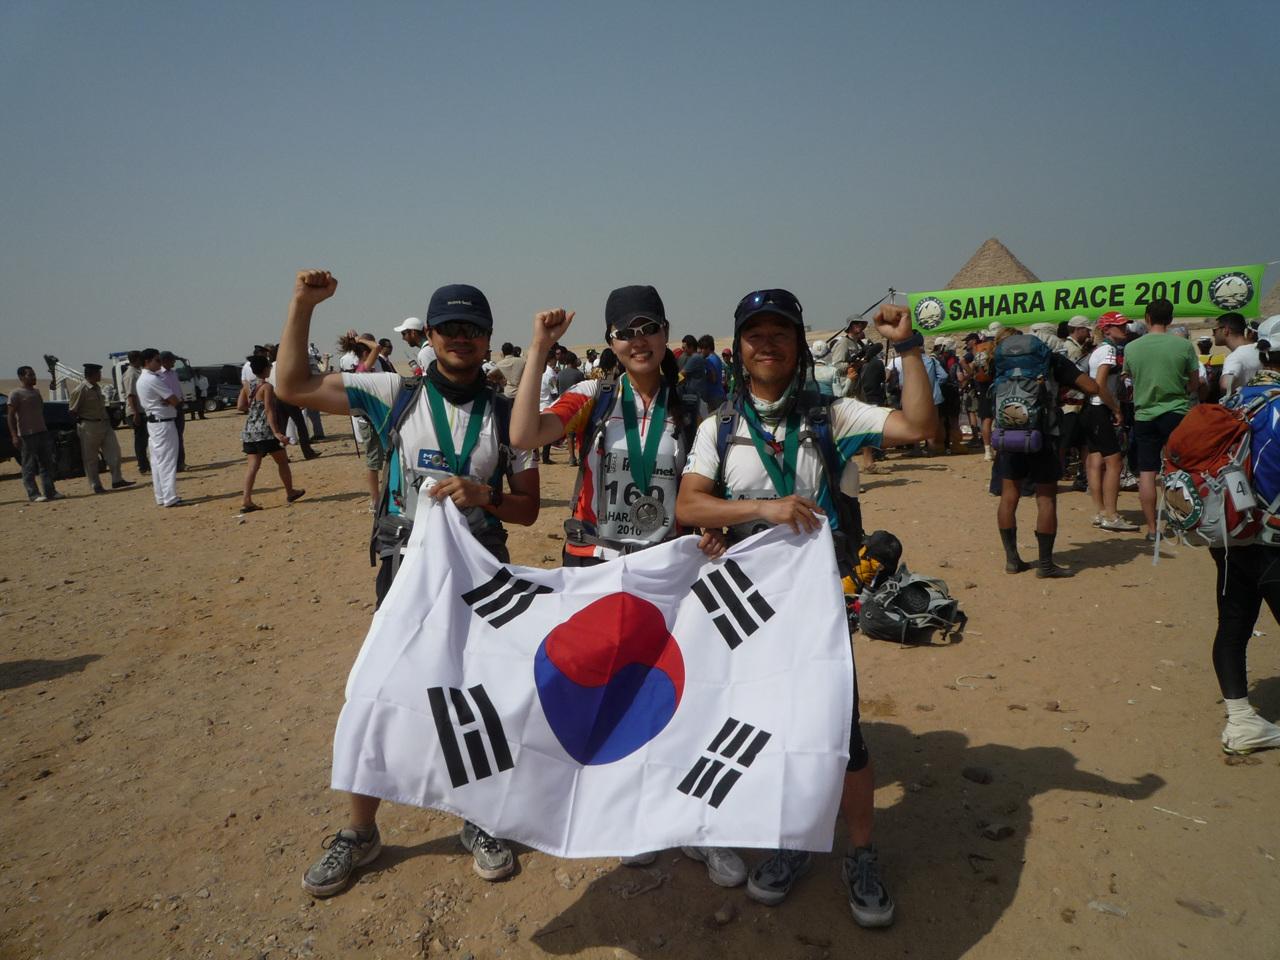 한국의 팀 출전 멤버 <프리덤> 3인... 모두 결승선을 넘었다.